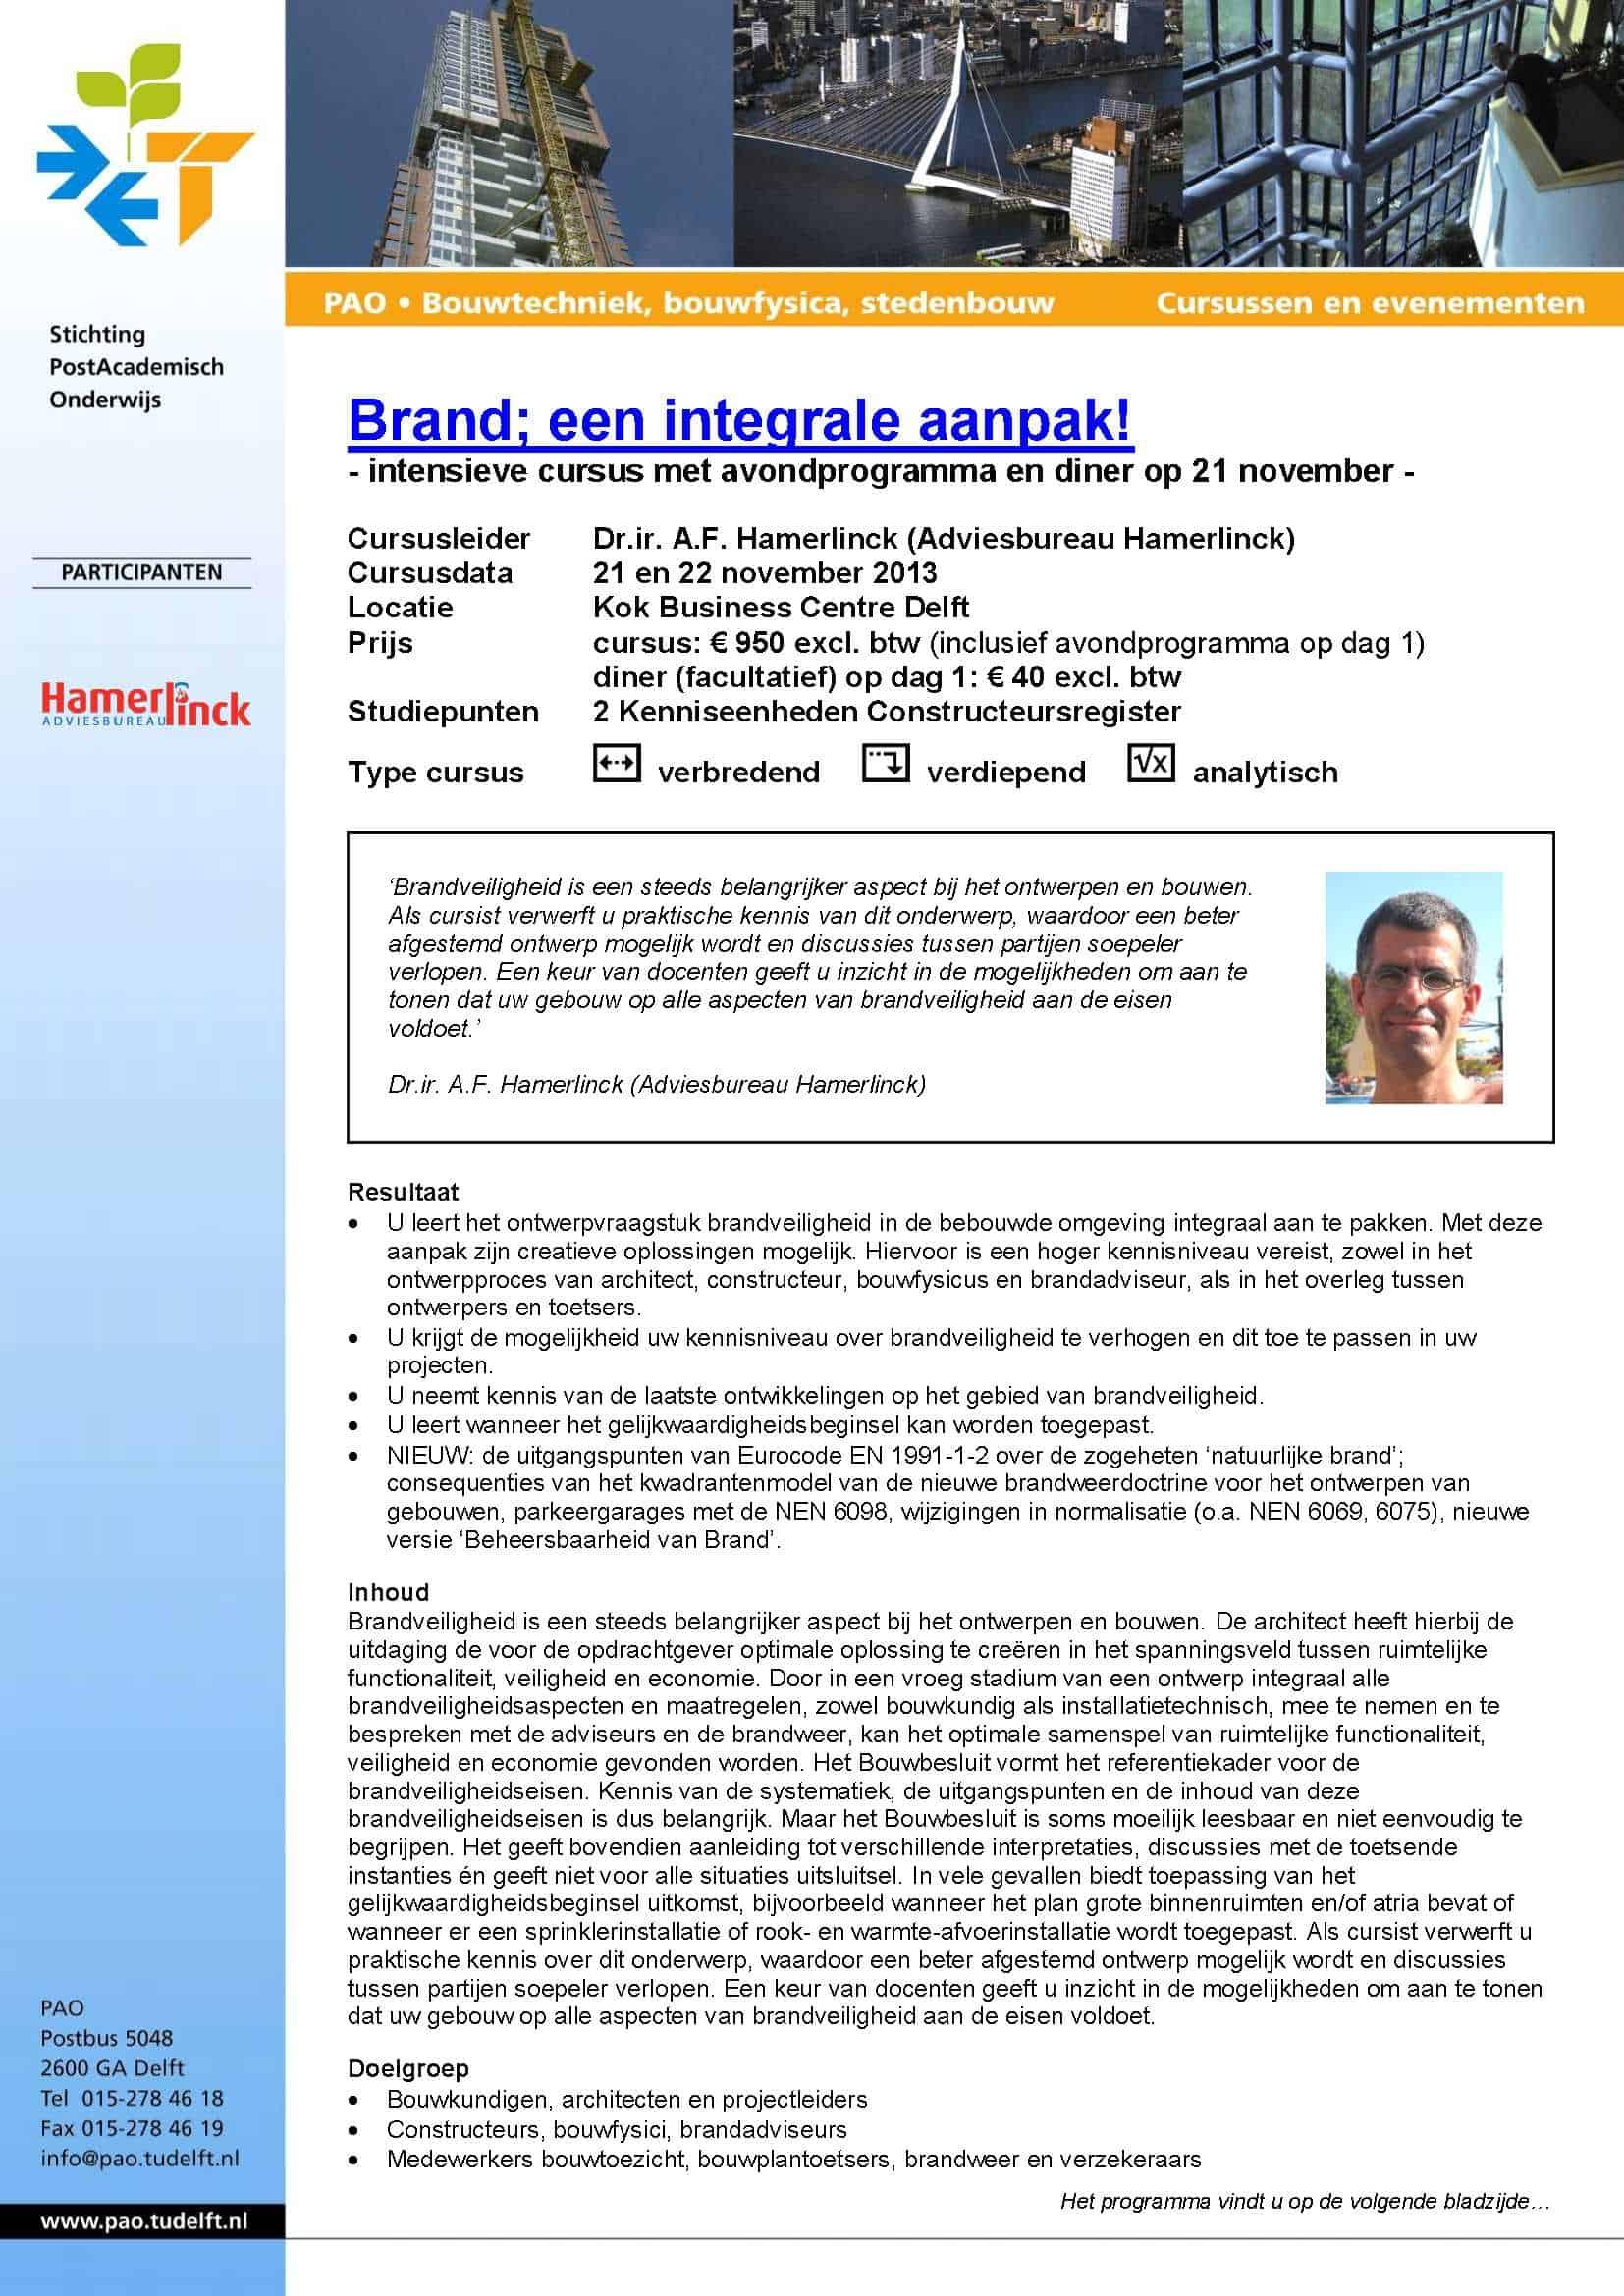 PAO-Brand-een-integrale-aanpak-november-2013-onder-voorbehoud_1-1